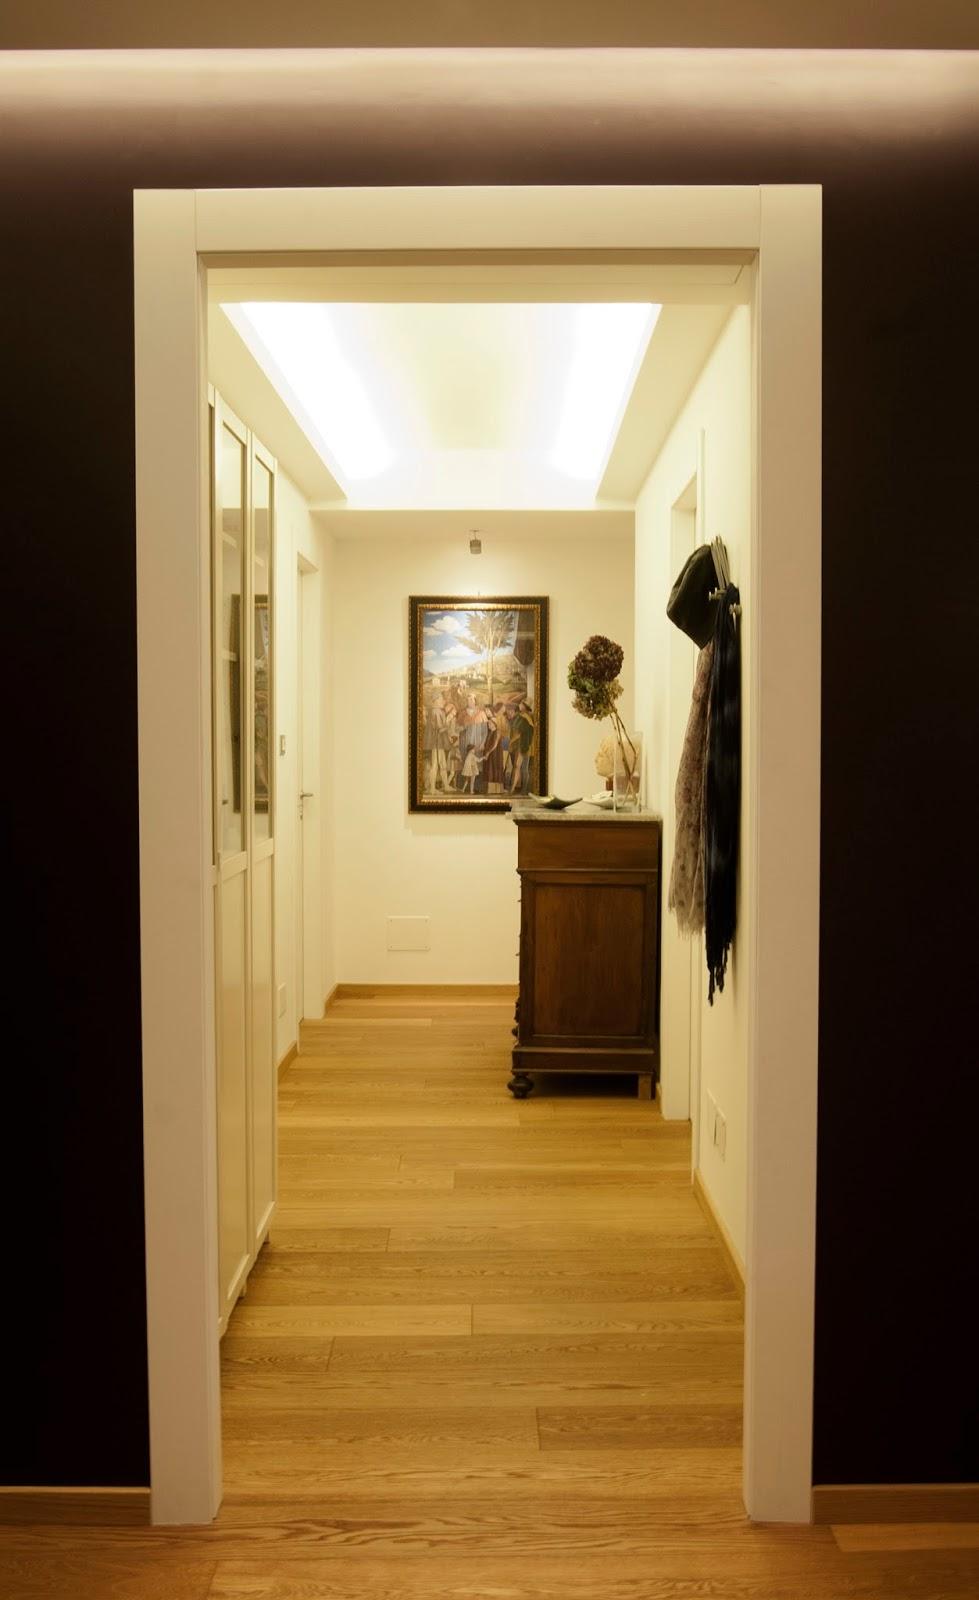 Illuminazione led casa illuminazione a torino ristrutturando un appartamento - Philips illuminazione casa ...